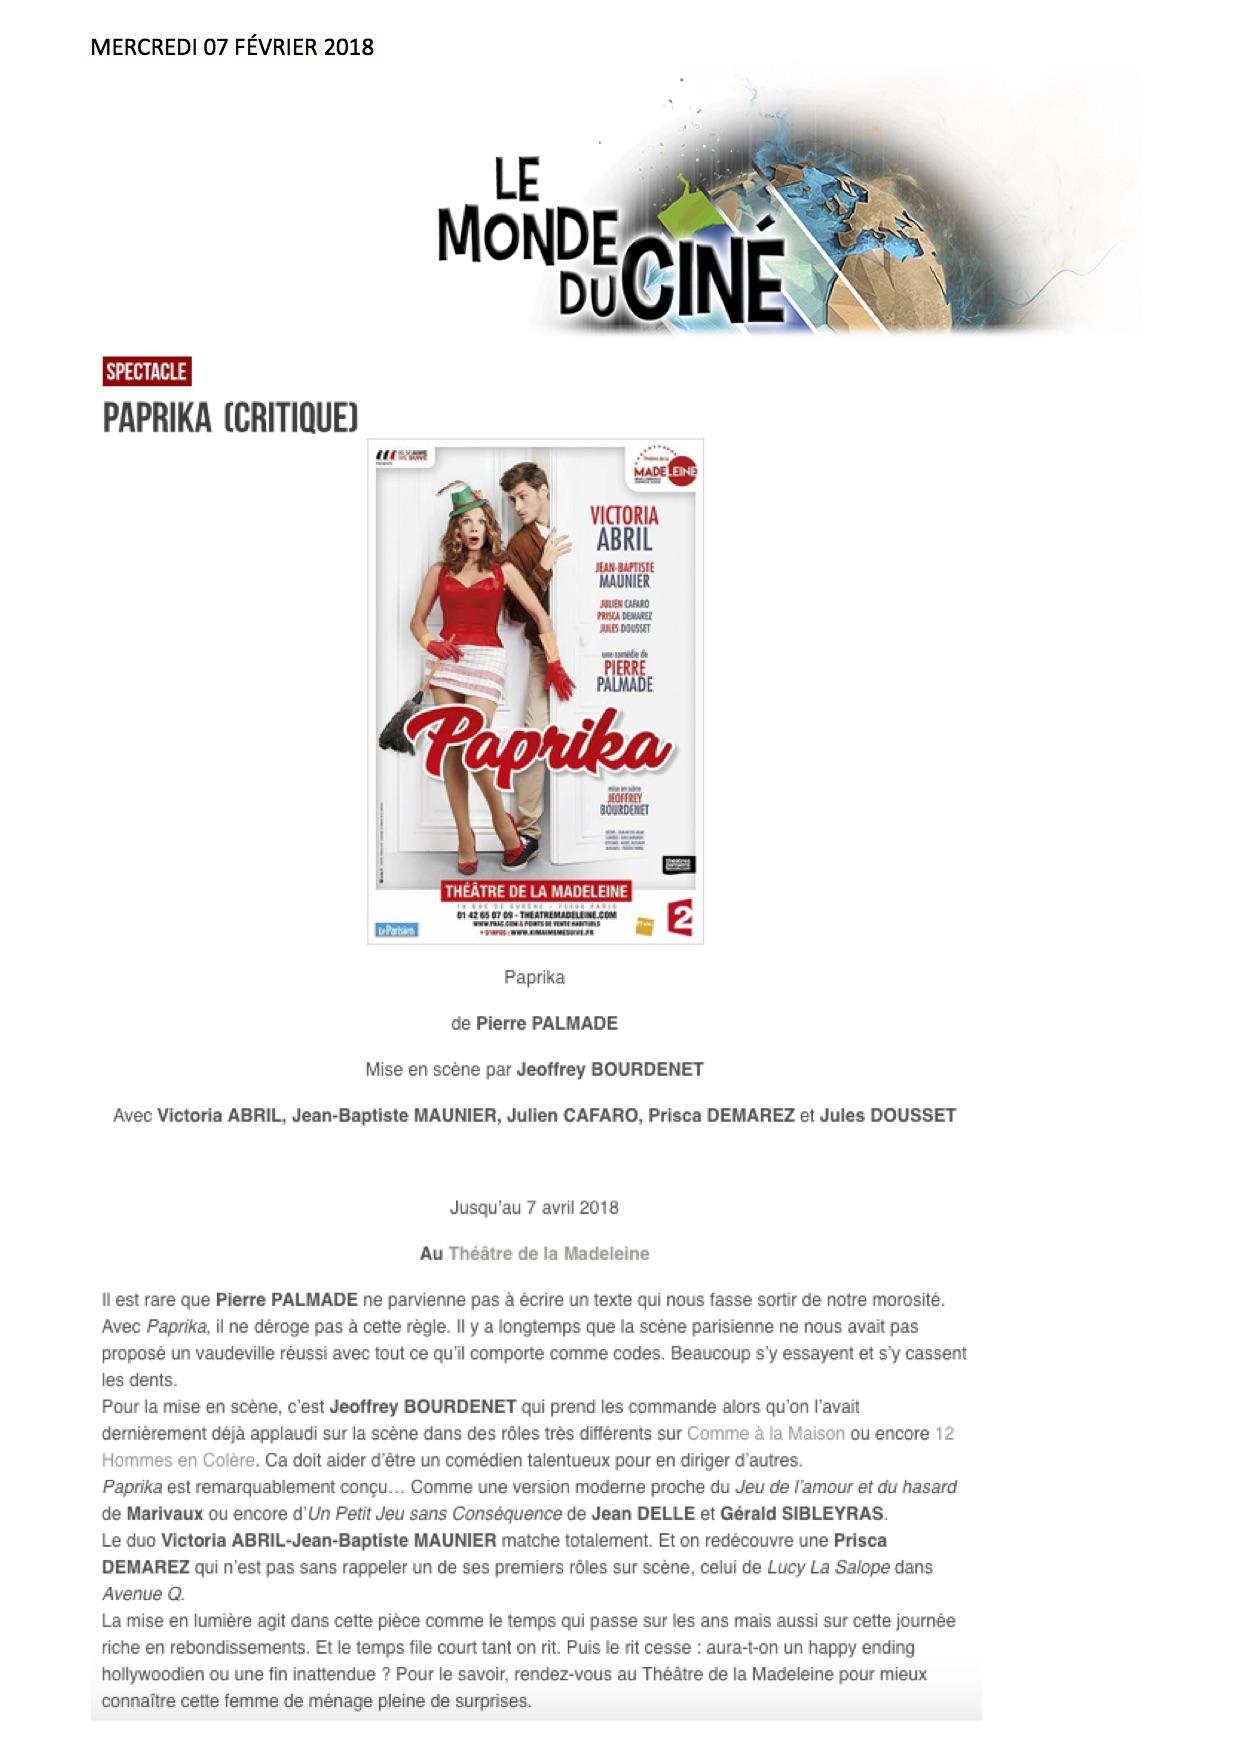 Le Monde du ciné 07.02.18